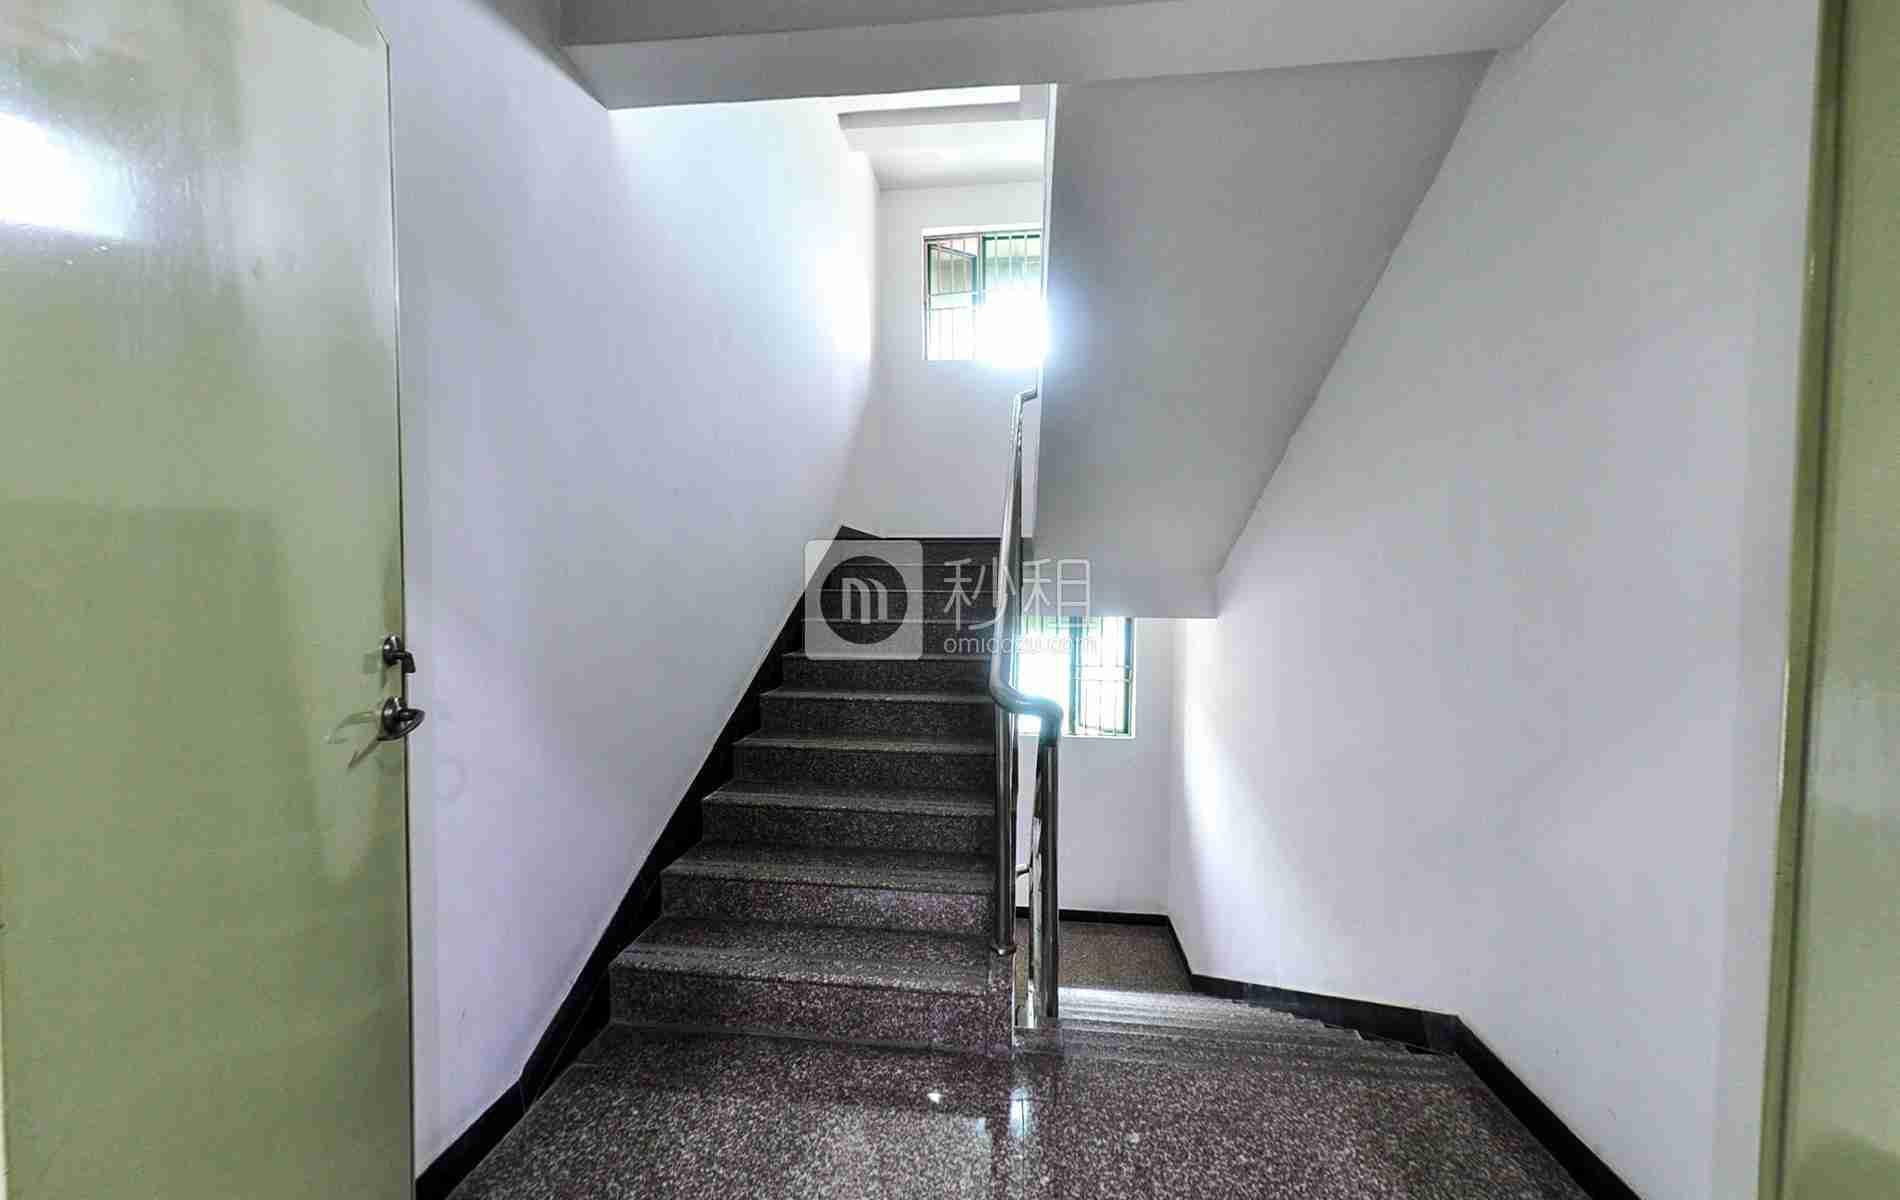 创建大厦(西乡)写字楼出租/招租/租赁,创建大厦(西乡)办公室出租/招租/租赁